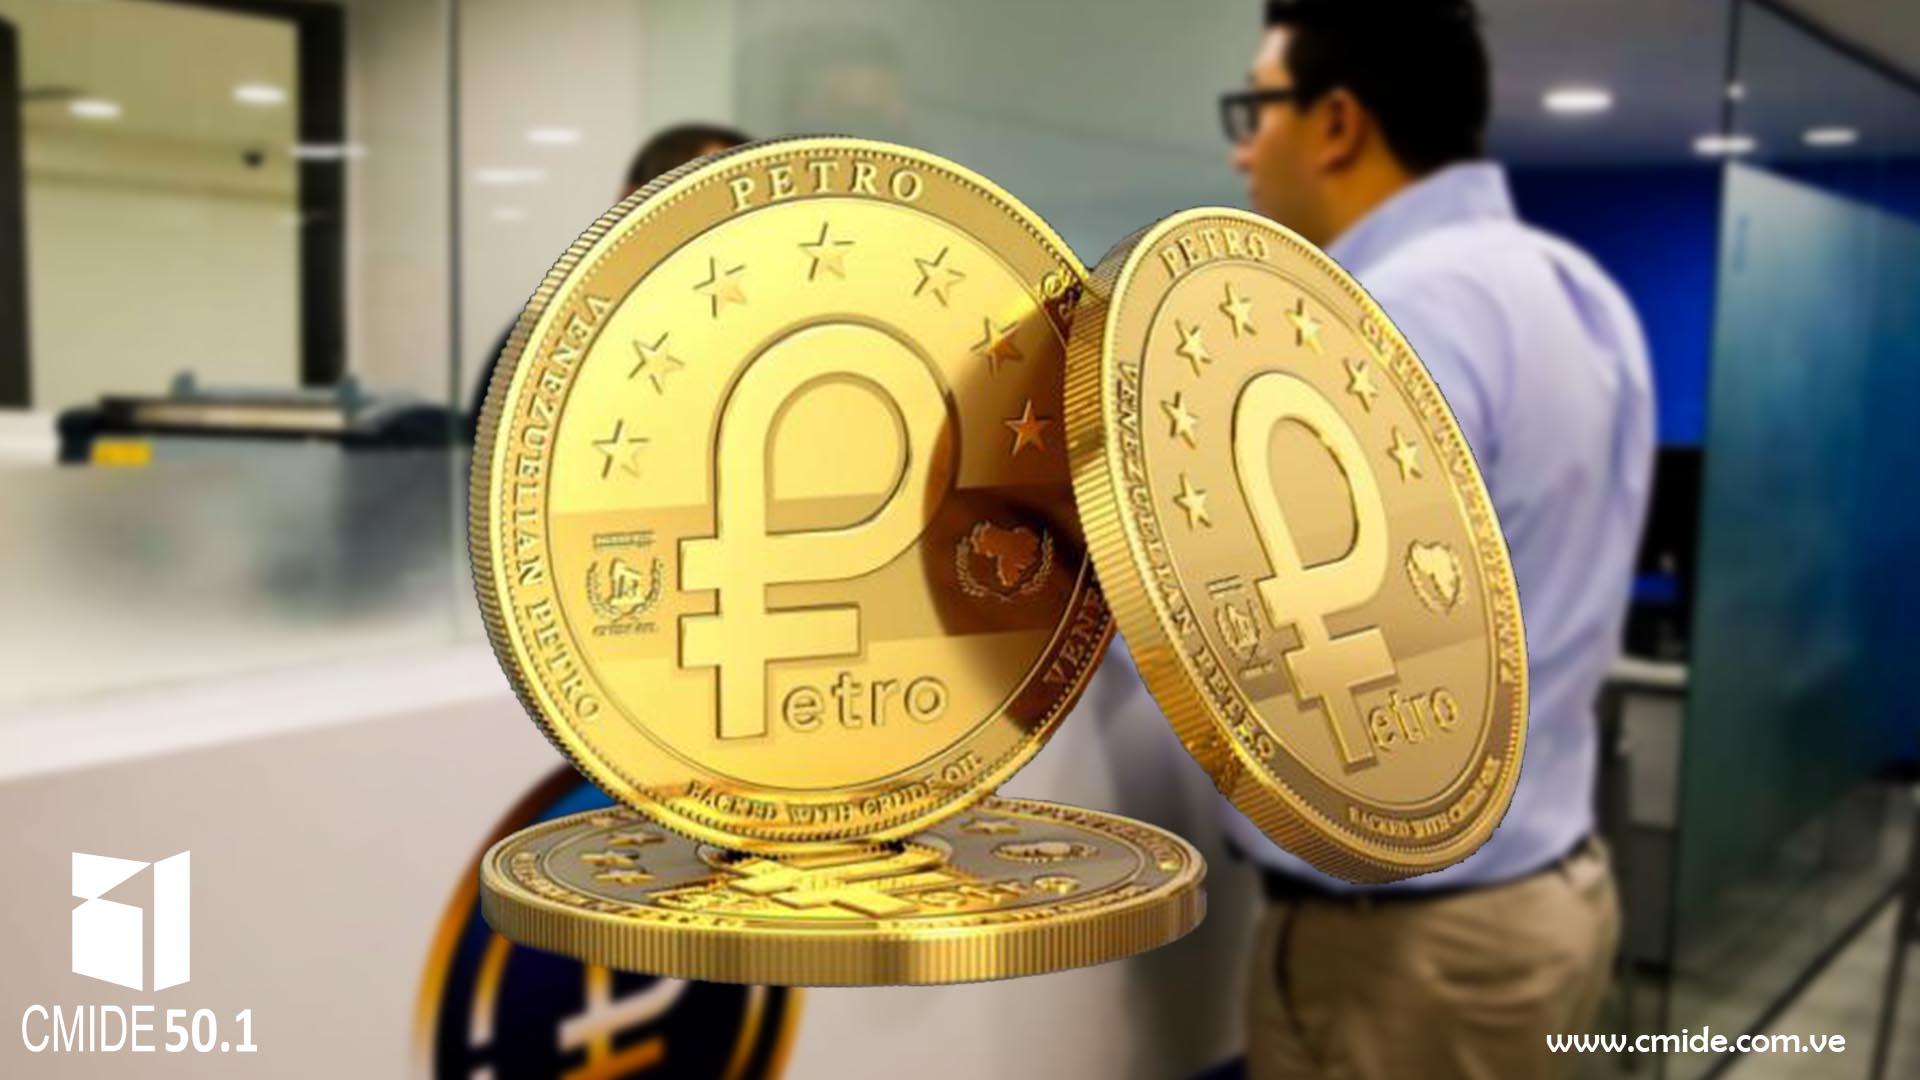 El criptoactivo gubernamental Petro se compra en divisas